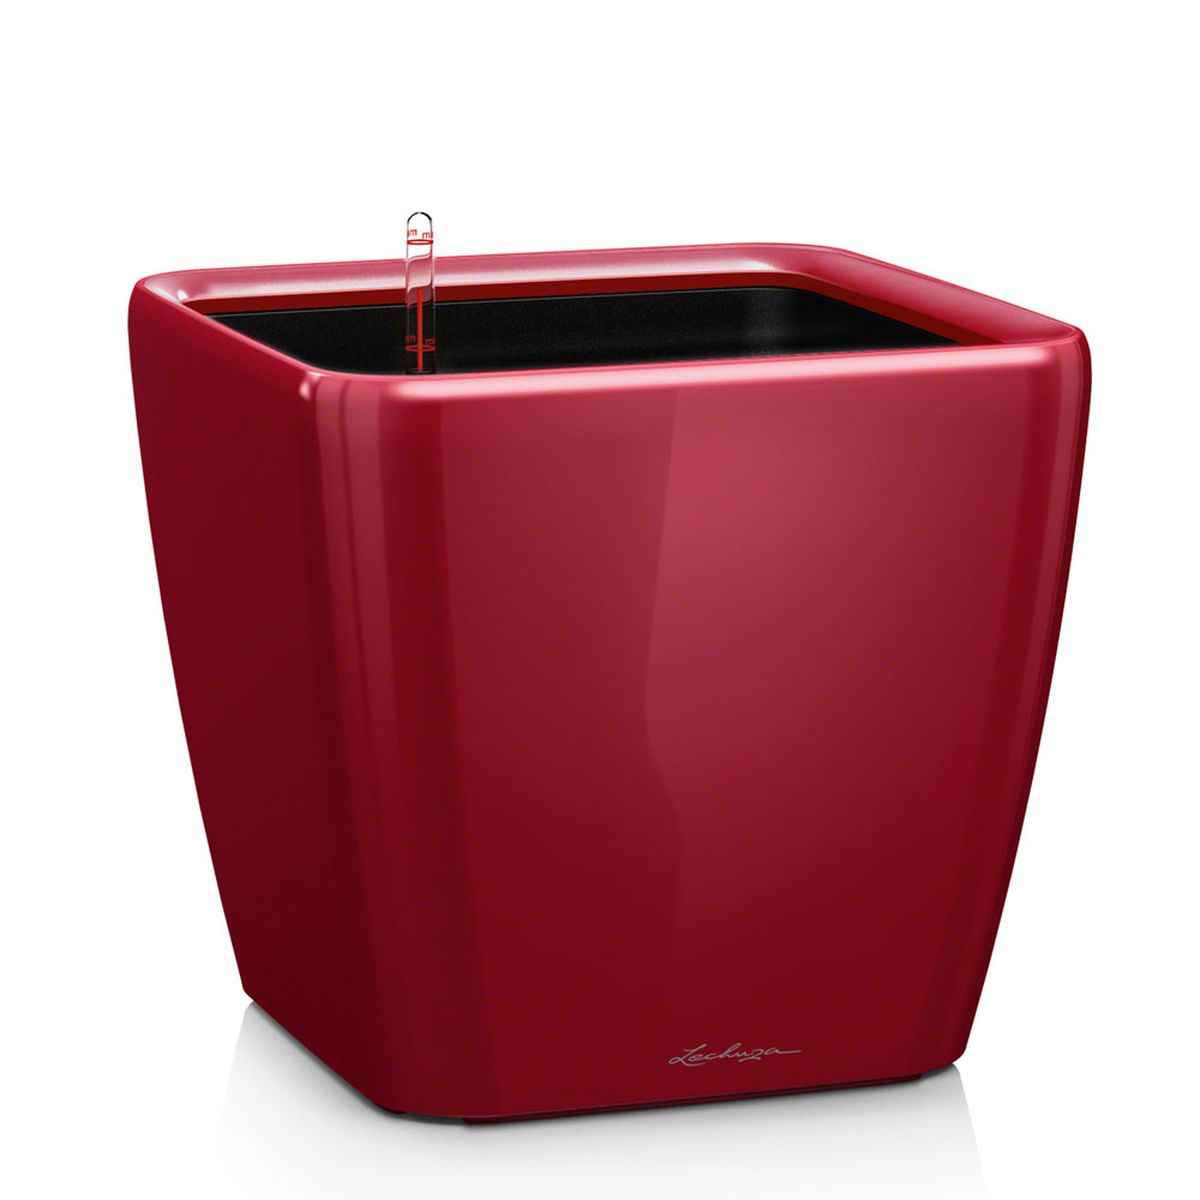 Кашпо Lechuza Quadro, с системой автополива, цвет: красный, 50 х 50 х 47 см15559Кашпо Lechuza Quadro, выполненное извысококачественного пластика, имеет уникальную системуавтополива, благодаря которой корневая система растениянепрерывно снабжается влагой из резервуара. Уровень водыв резервуаре контролируется с помощью специальногоиндикатора. В зависимости от размера кашпо и растенияводы хватает на 2-12 недель. Это способствует хорошему ростуцветов и предотвращает переувлажнение. В набор входит: кашпо, внутренний горшок с выдвижнойэргономичной ручкой, индикатор уровня воды, вал подачиводы, субстрат растений в качестве дренажного слоя,резервуар для воды. Кашпо Lechuza Quadro прекрасно впишется в любойинтерьер. Оно поможет расставить нужные акценты, а такжепридаст помещению вид, соответствующий вашимпредставлениям.